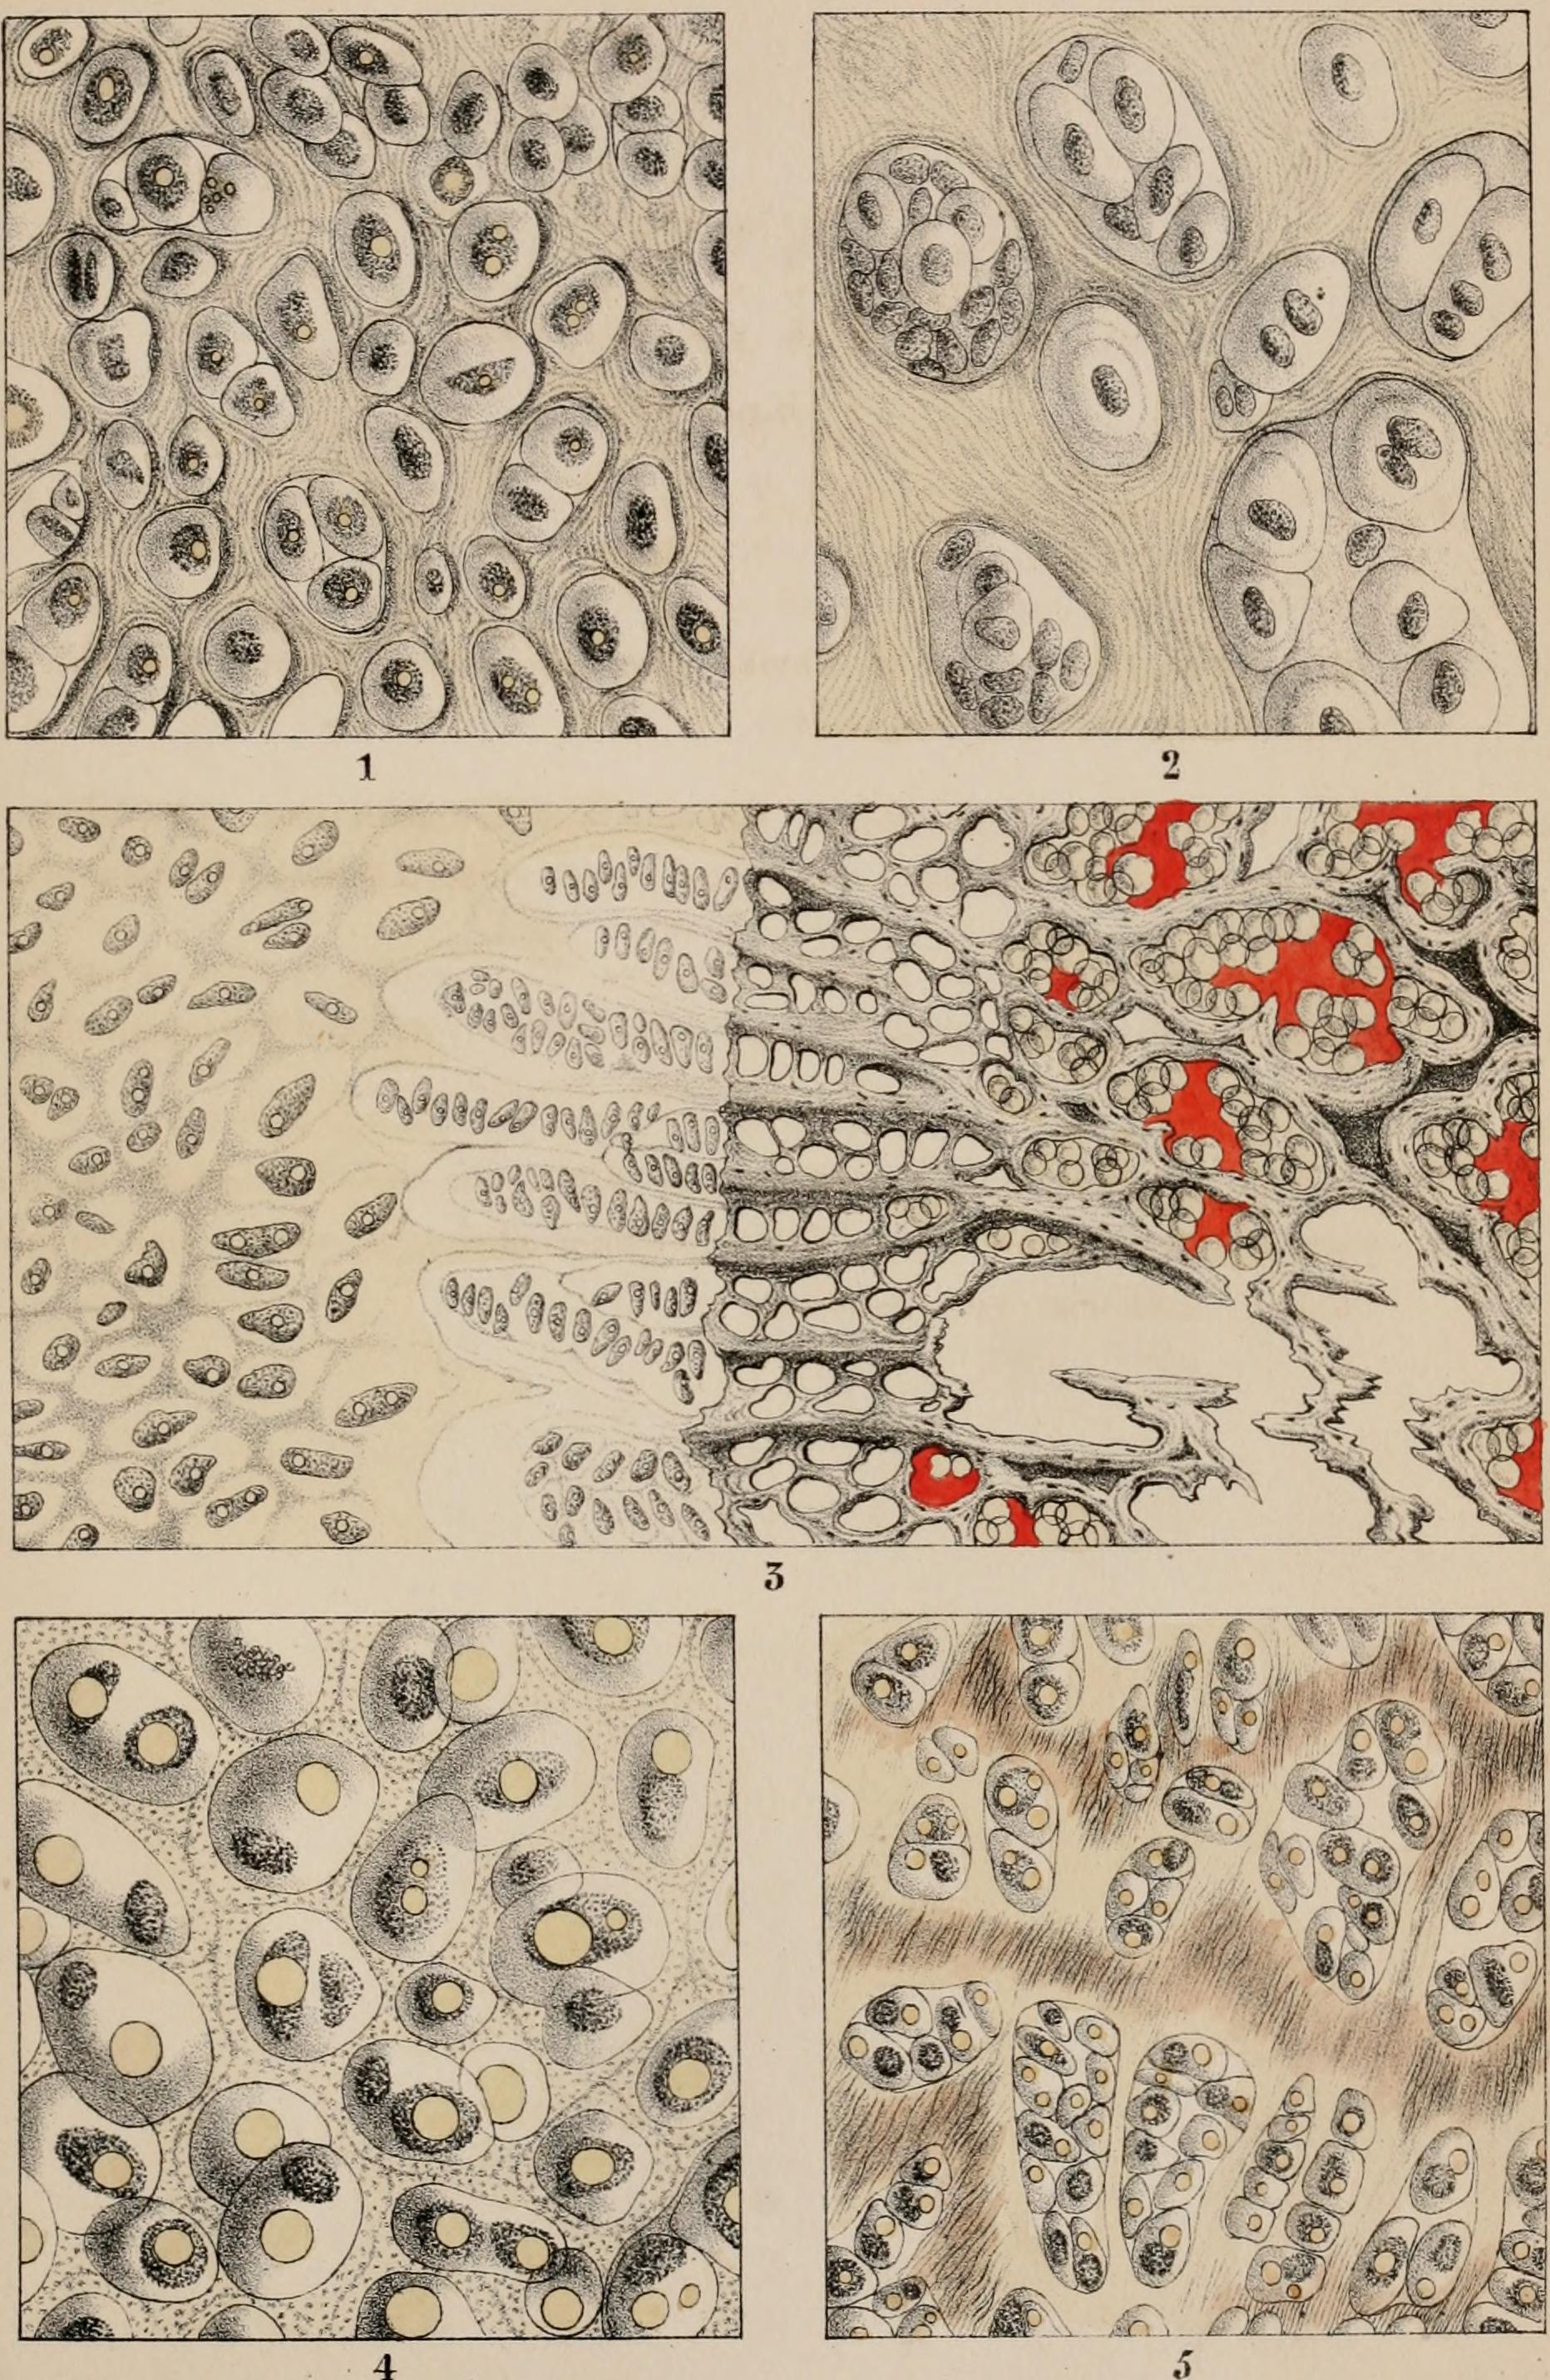 Niedlich Was Mikroskopische Anatomie Bilder - Anatomie Ideen ...